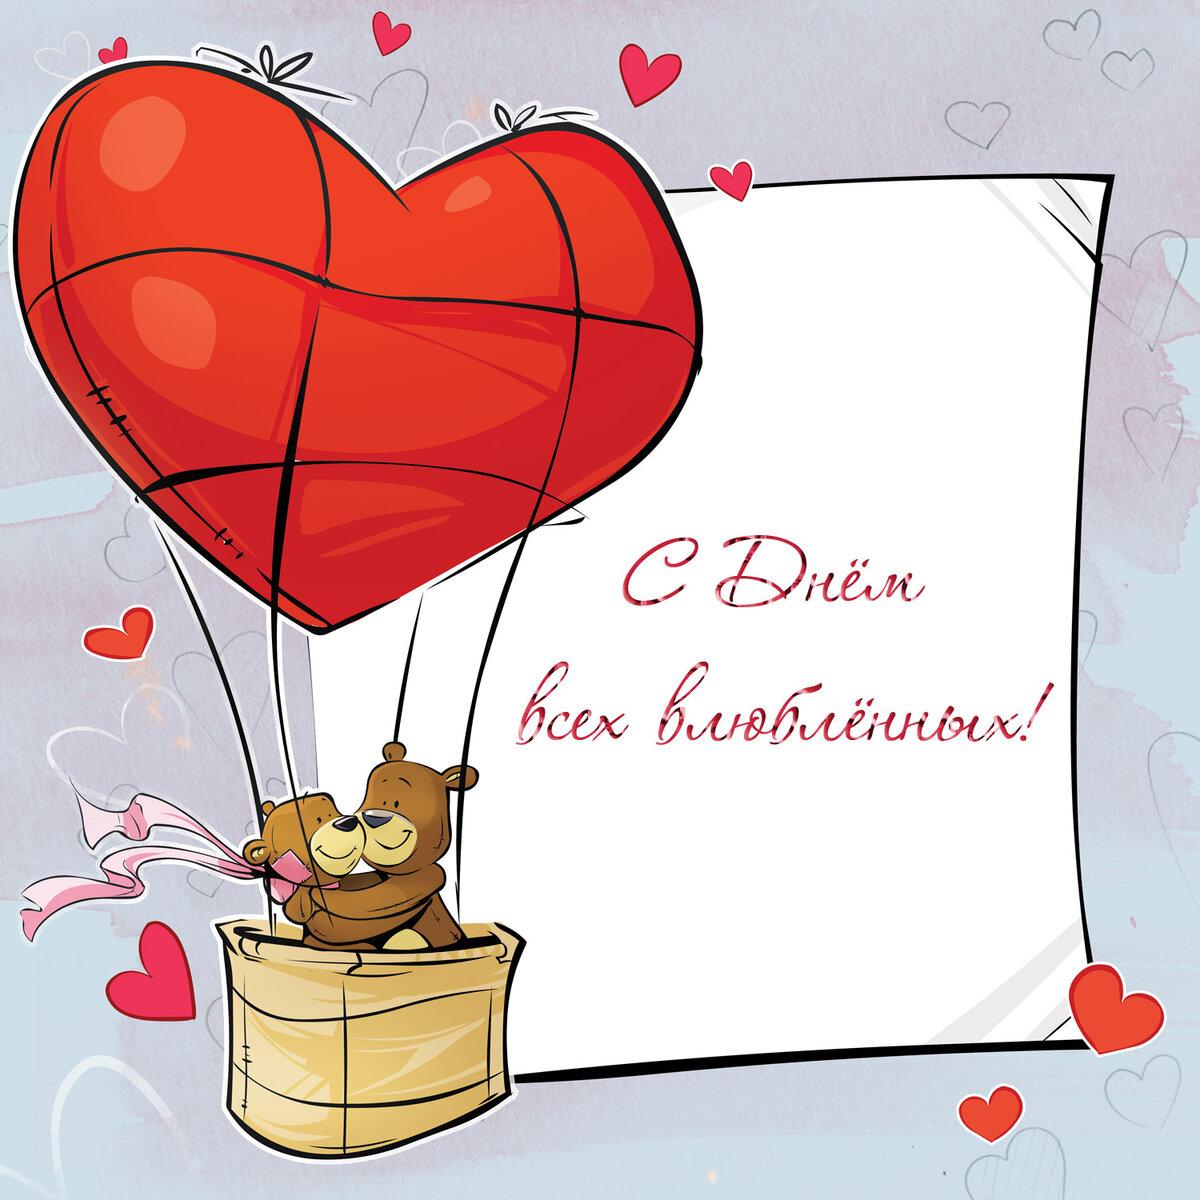 Февраля коллеге, открытки с днем влюбленных 14 февраля прикольные хочу